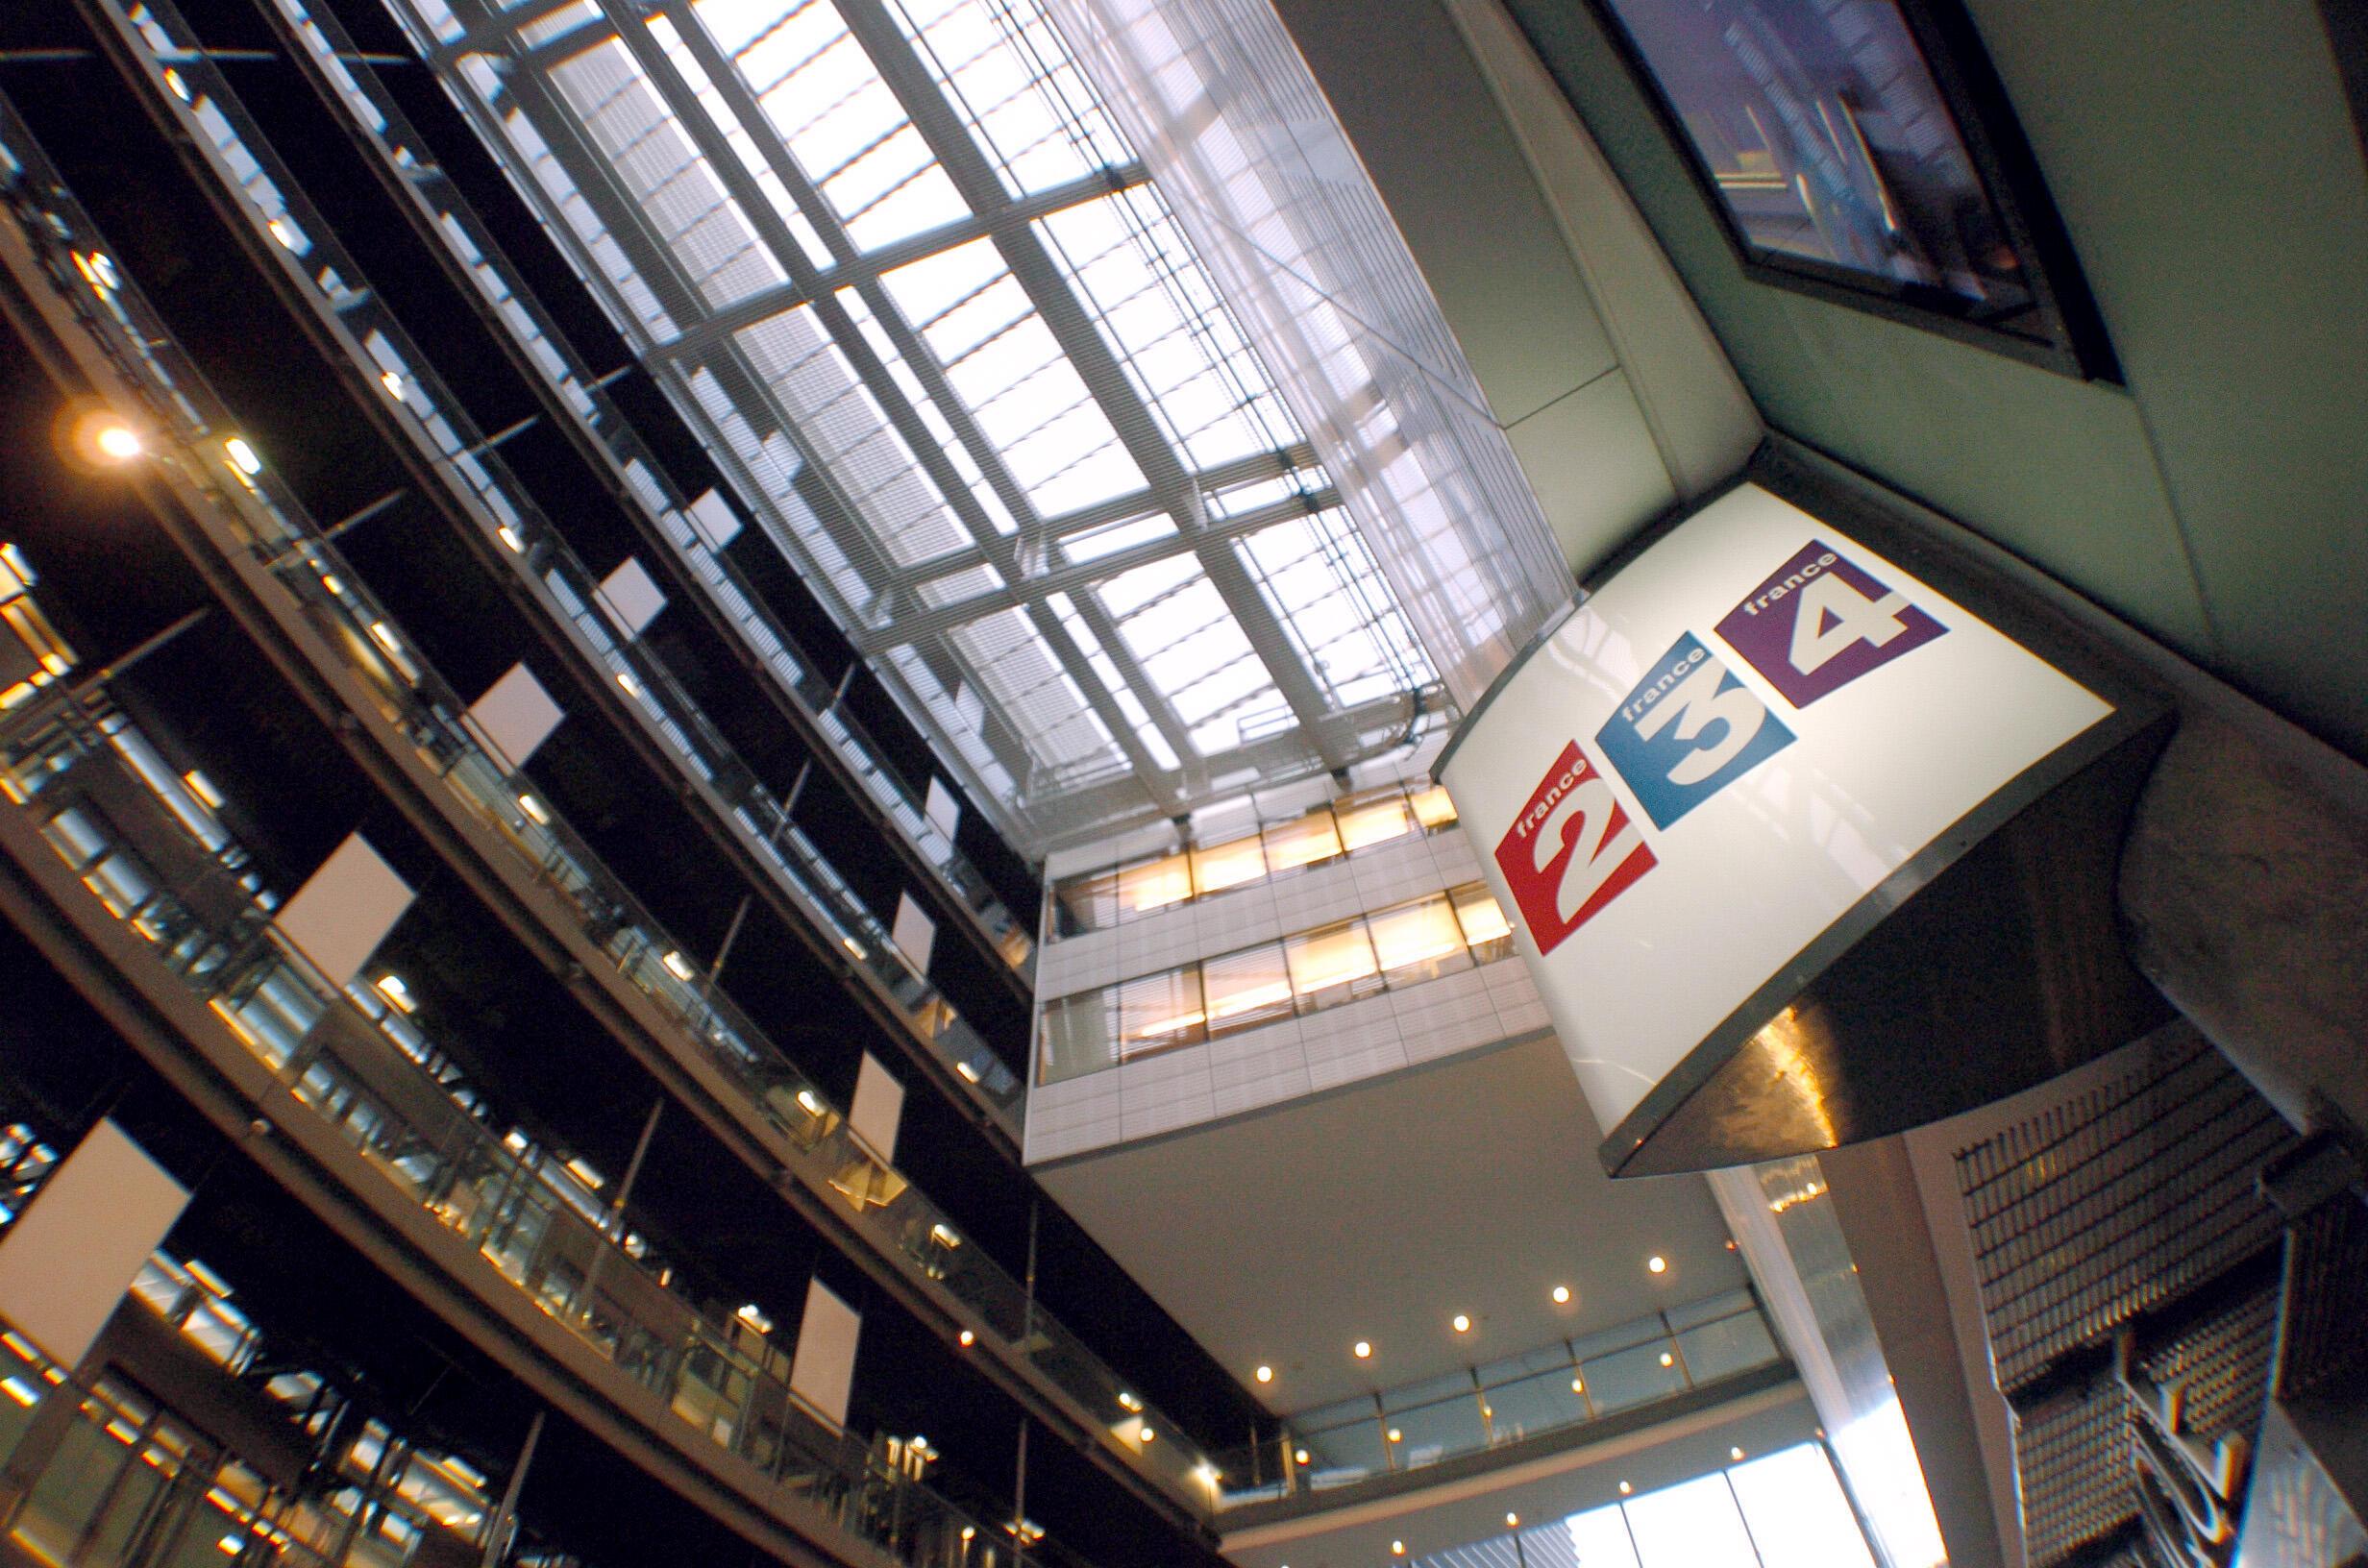 Selon le groupe public, Newen, troisième producteur français, est le premier fournisseur de programmes de France Télévisions et les deux tiers de son chiffre d'affaires sont réalisés avec le service public.